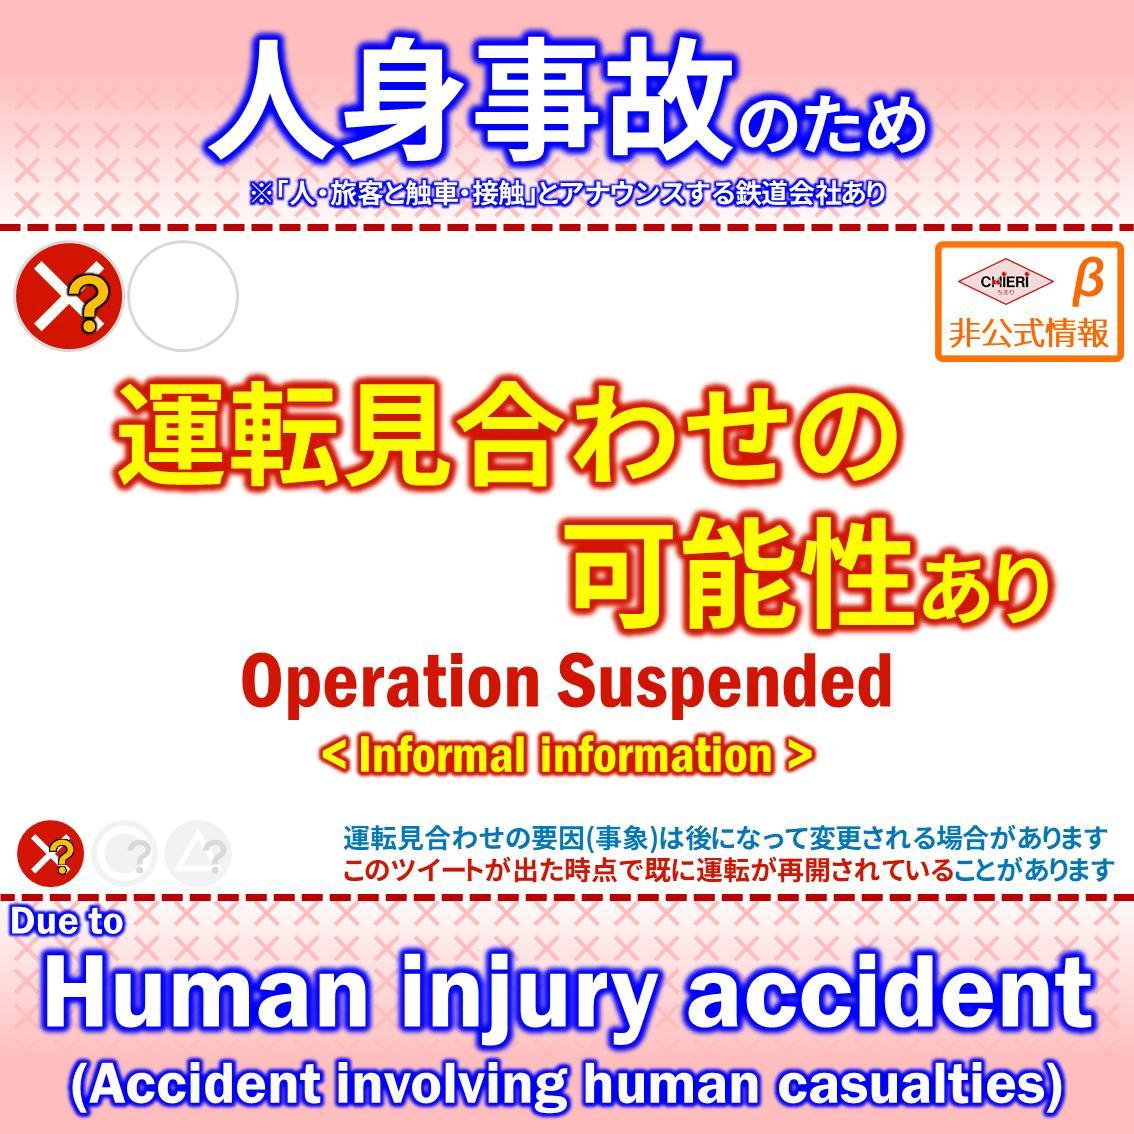 画像,◆JR神戸線[状態❌ 20:40現在]魚住駅で人身事故発生のため姫路~大久保駅間の運転を見合わせている・見合わせる可能性あり情報信頼性 高い関連ツイート 4件以…